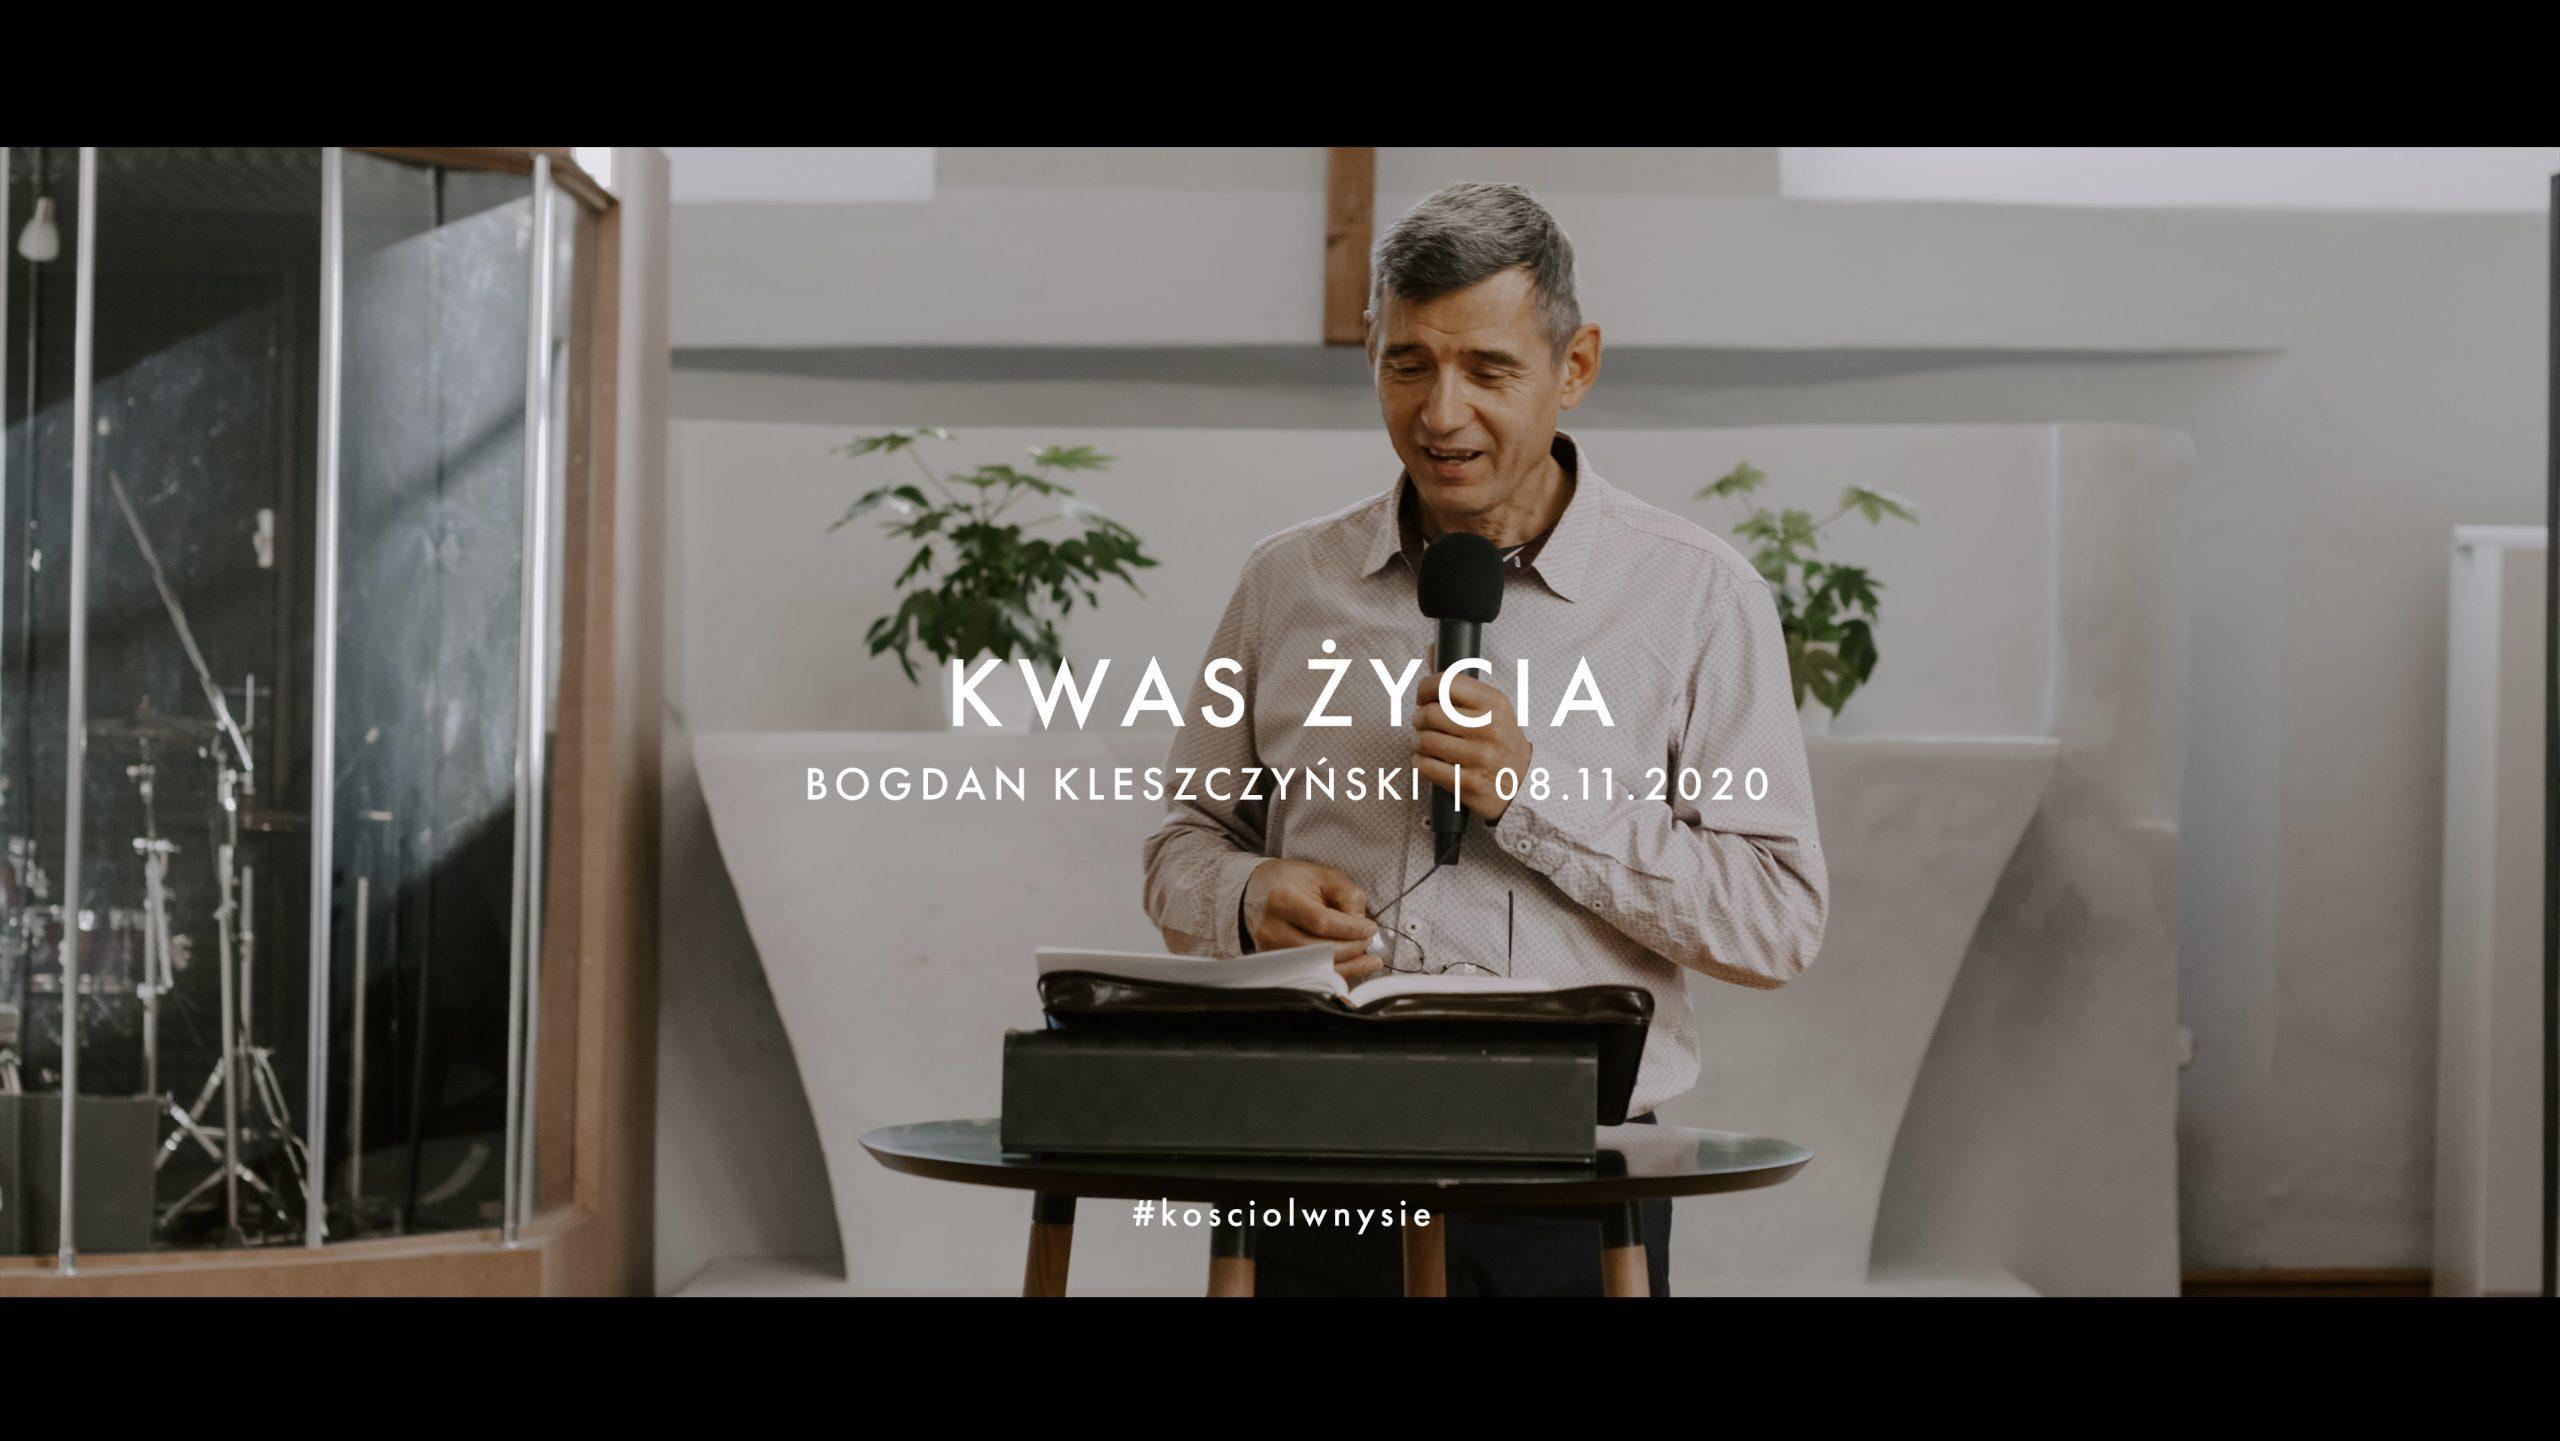 Kwas życia - Bogdan Kleszczyński